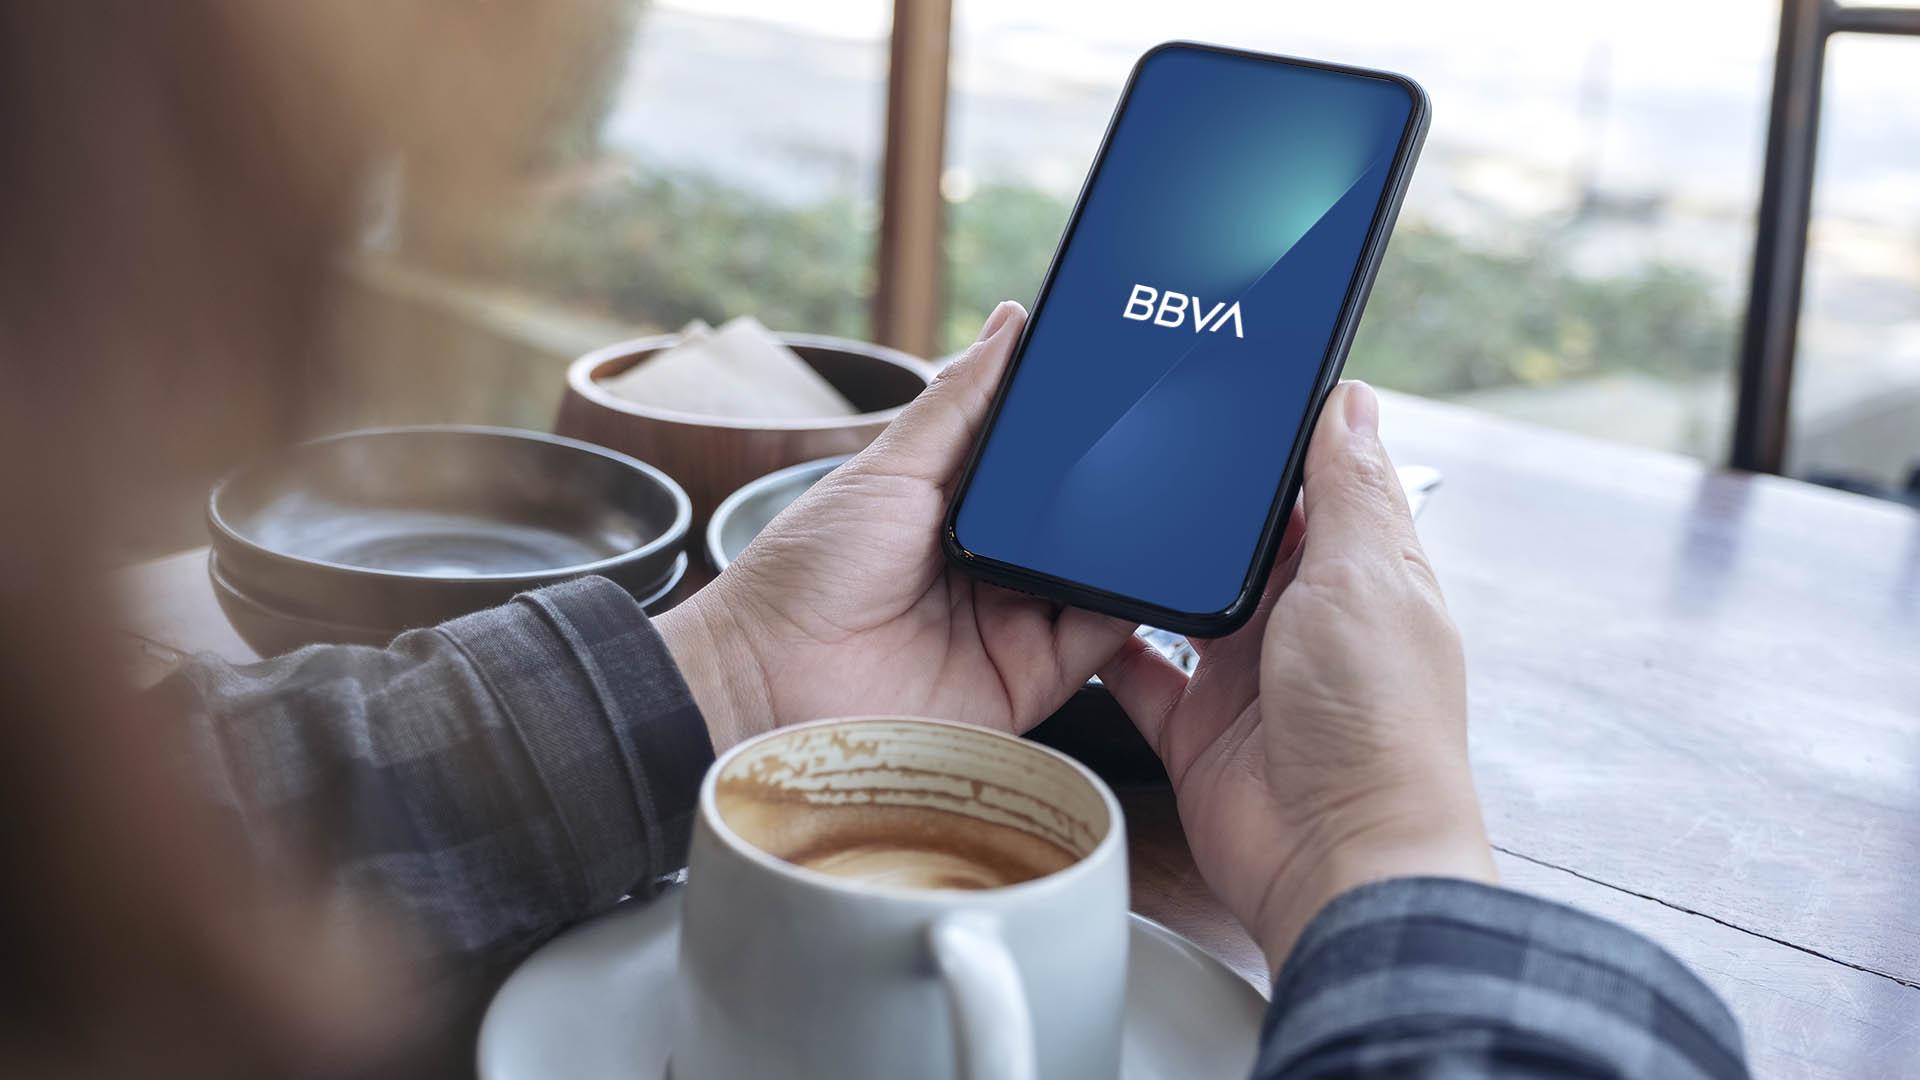 BBVA-Podcast-App-movil-aplicación-innovación